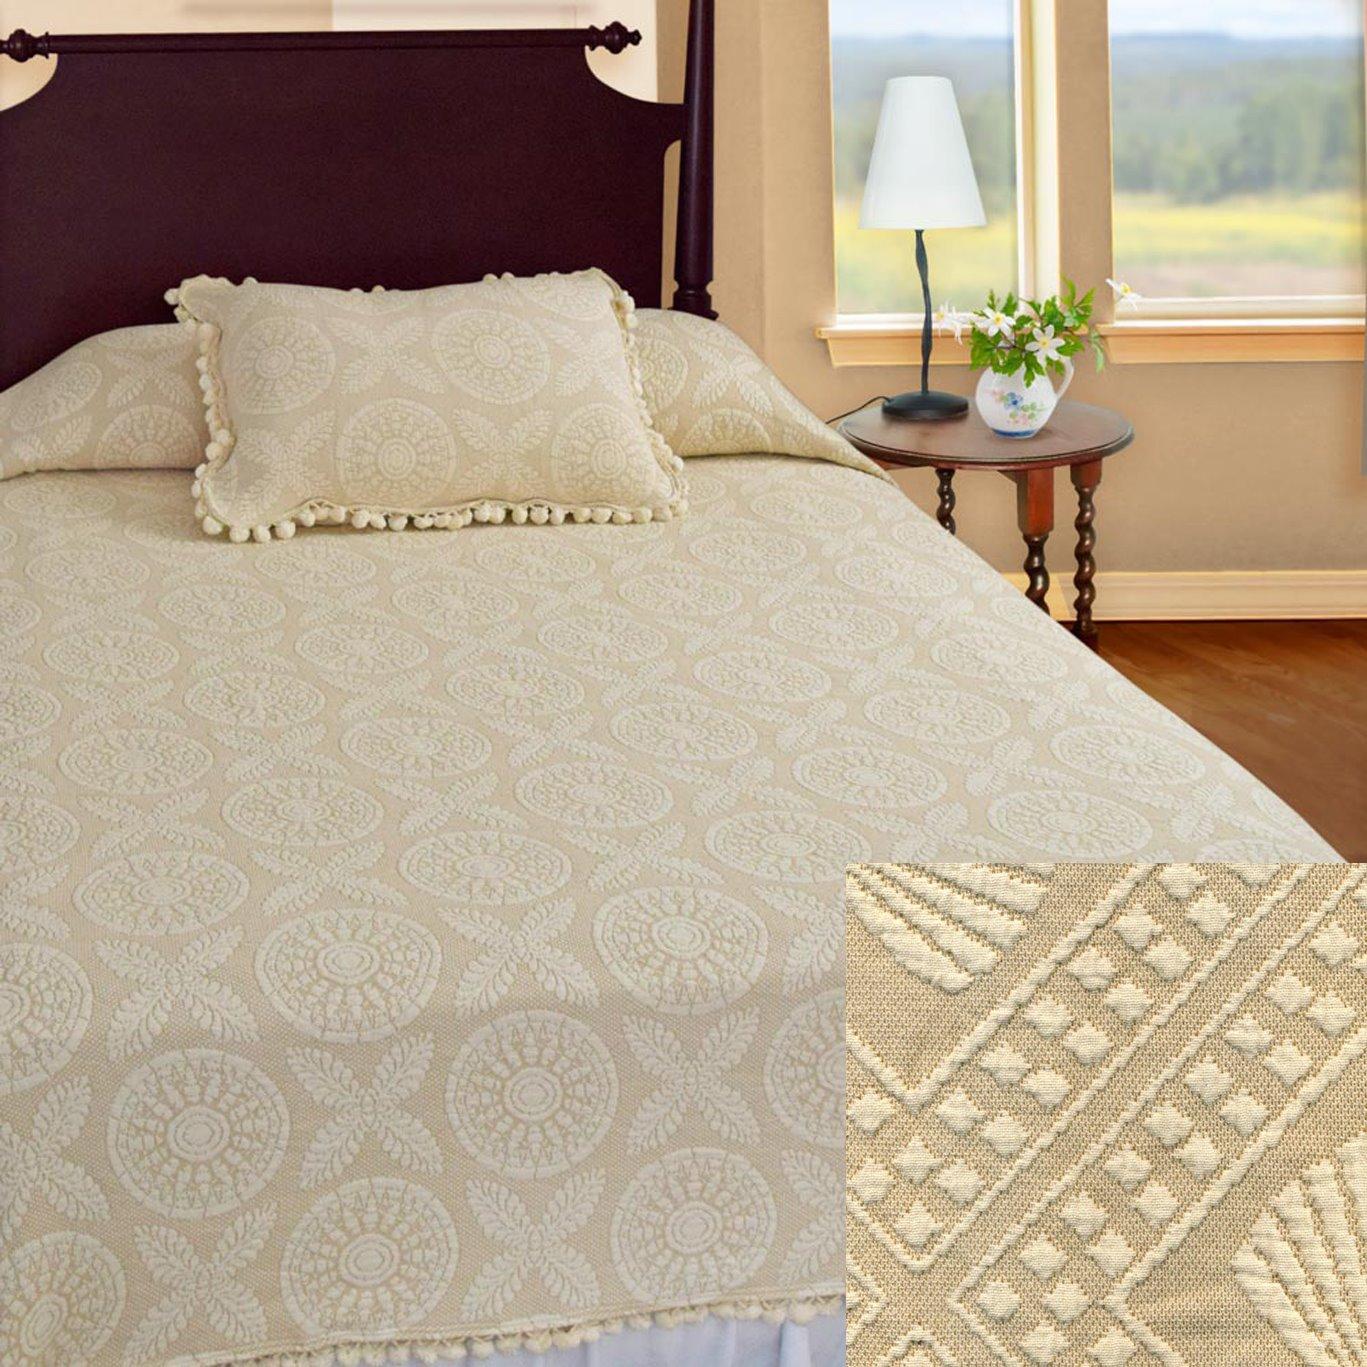 Heirloom Queen Linen Coverlet